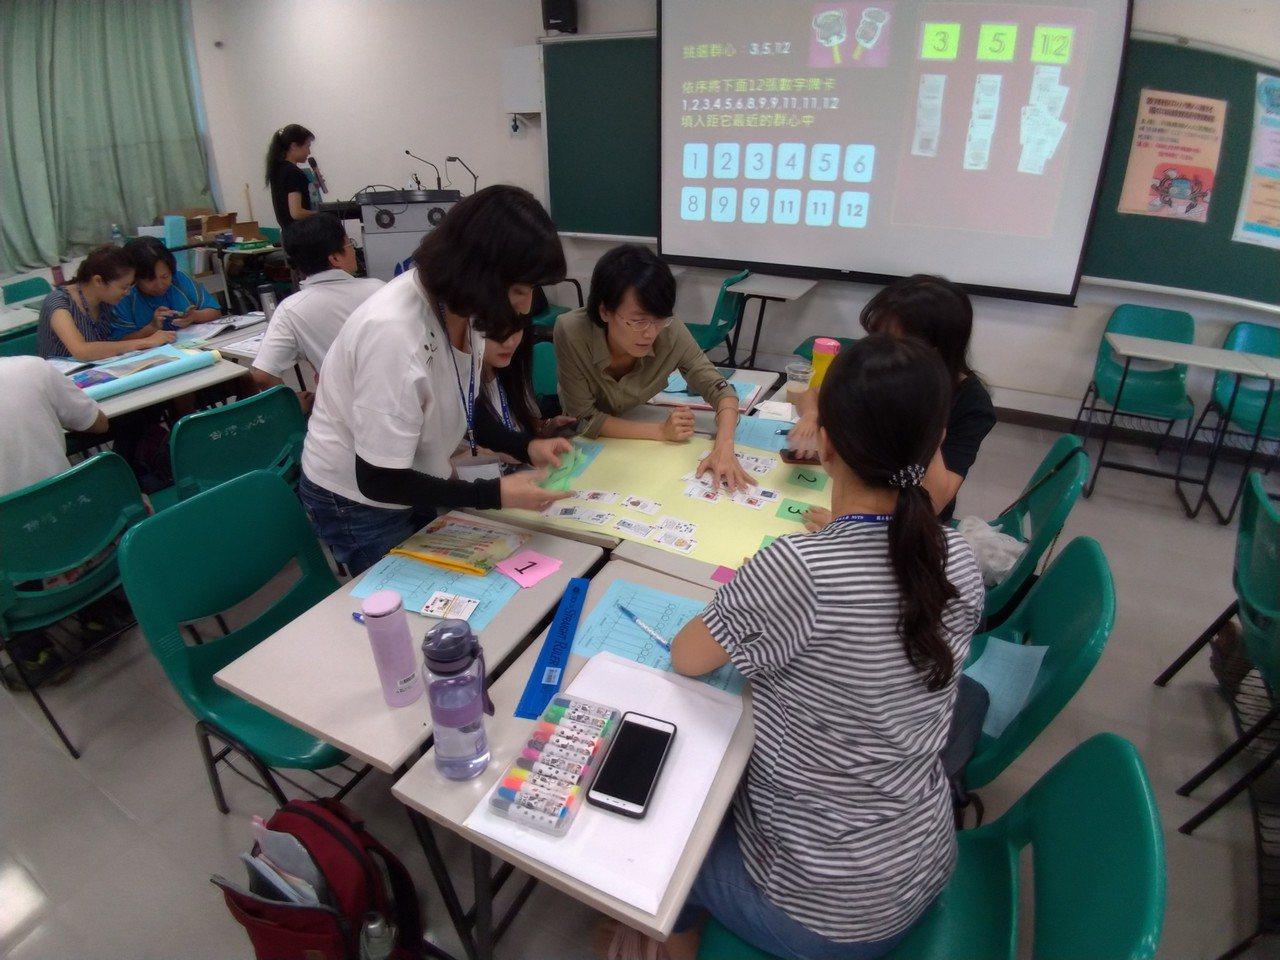 國中老師研習不插電的人工智慧課如何上。圖/李建樹提供